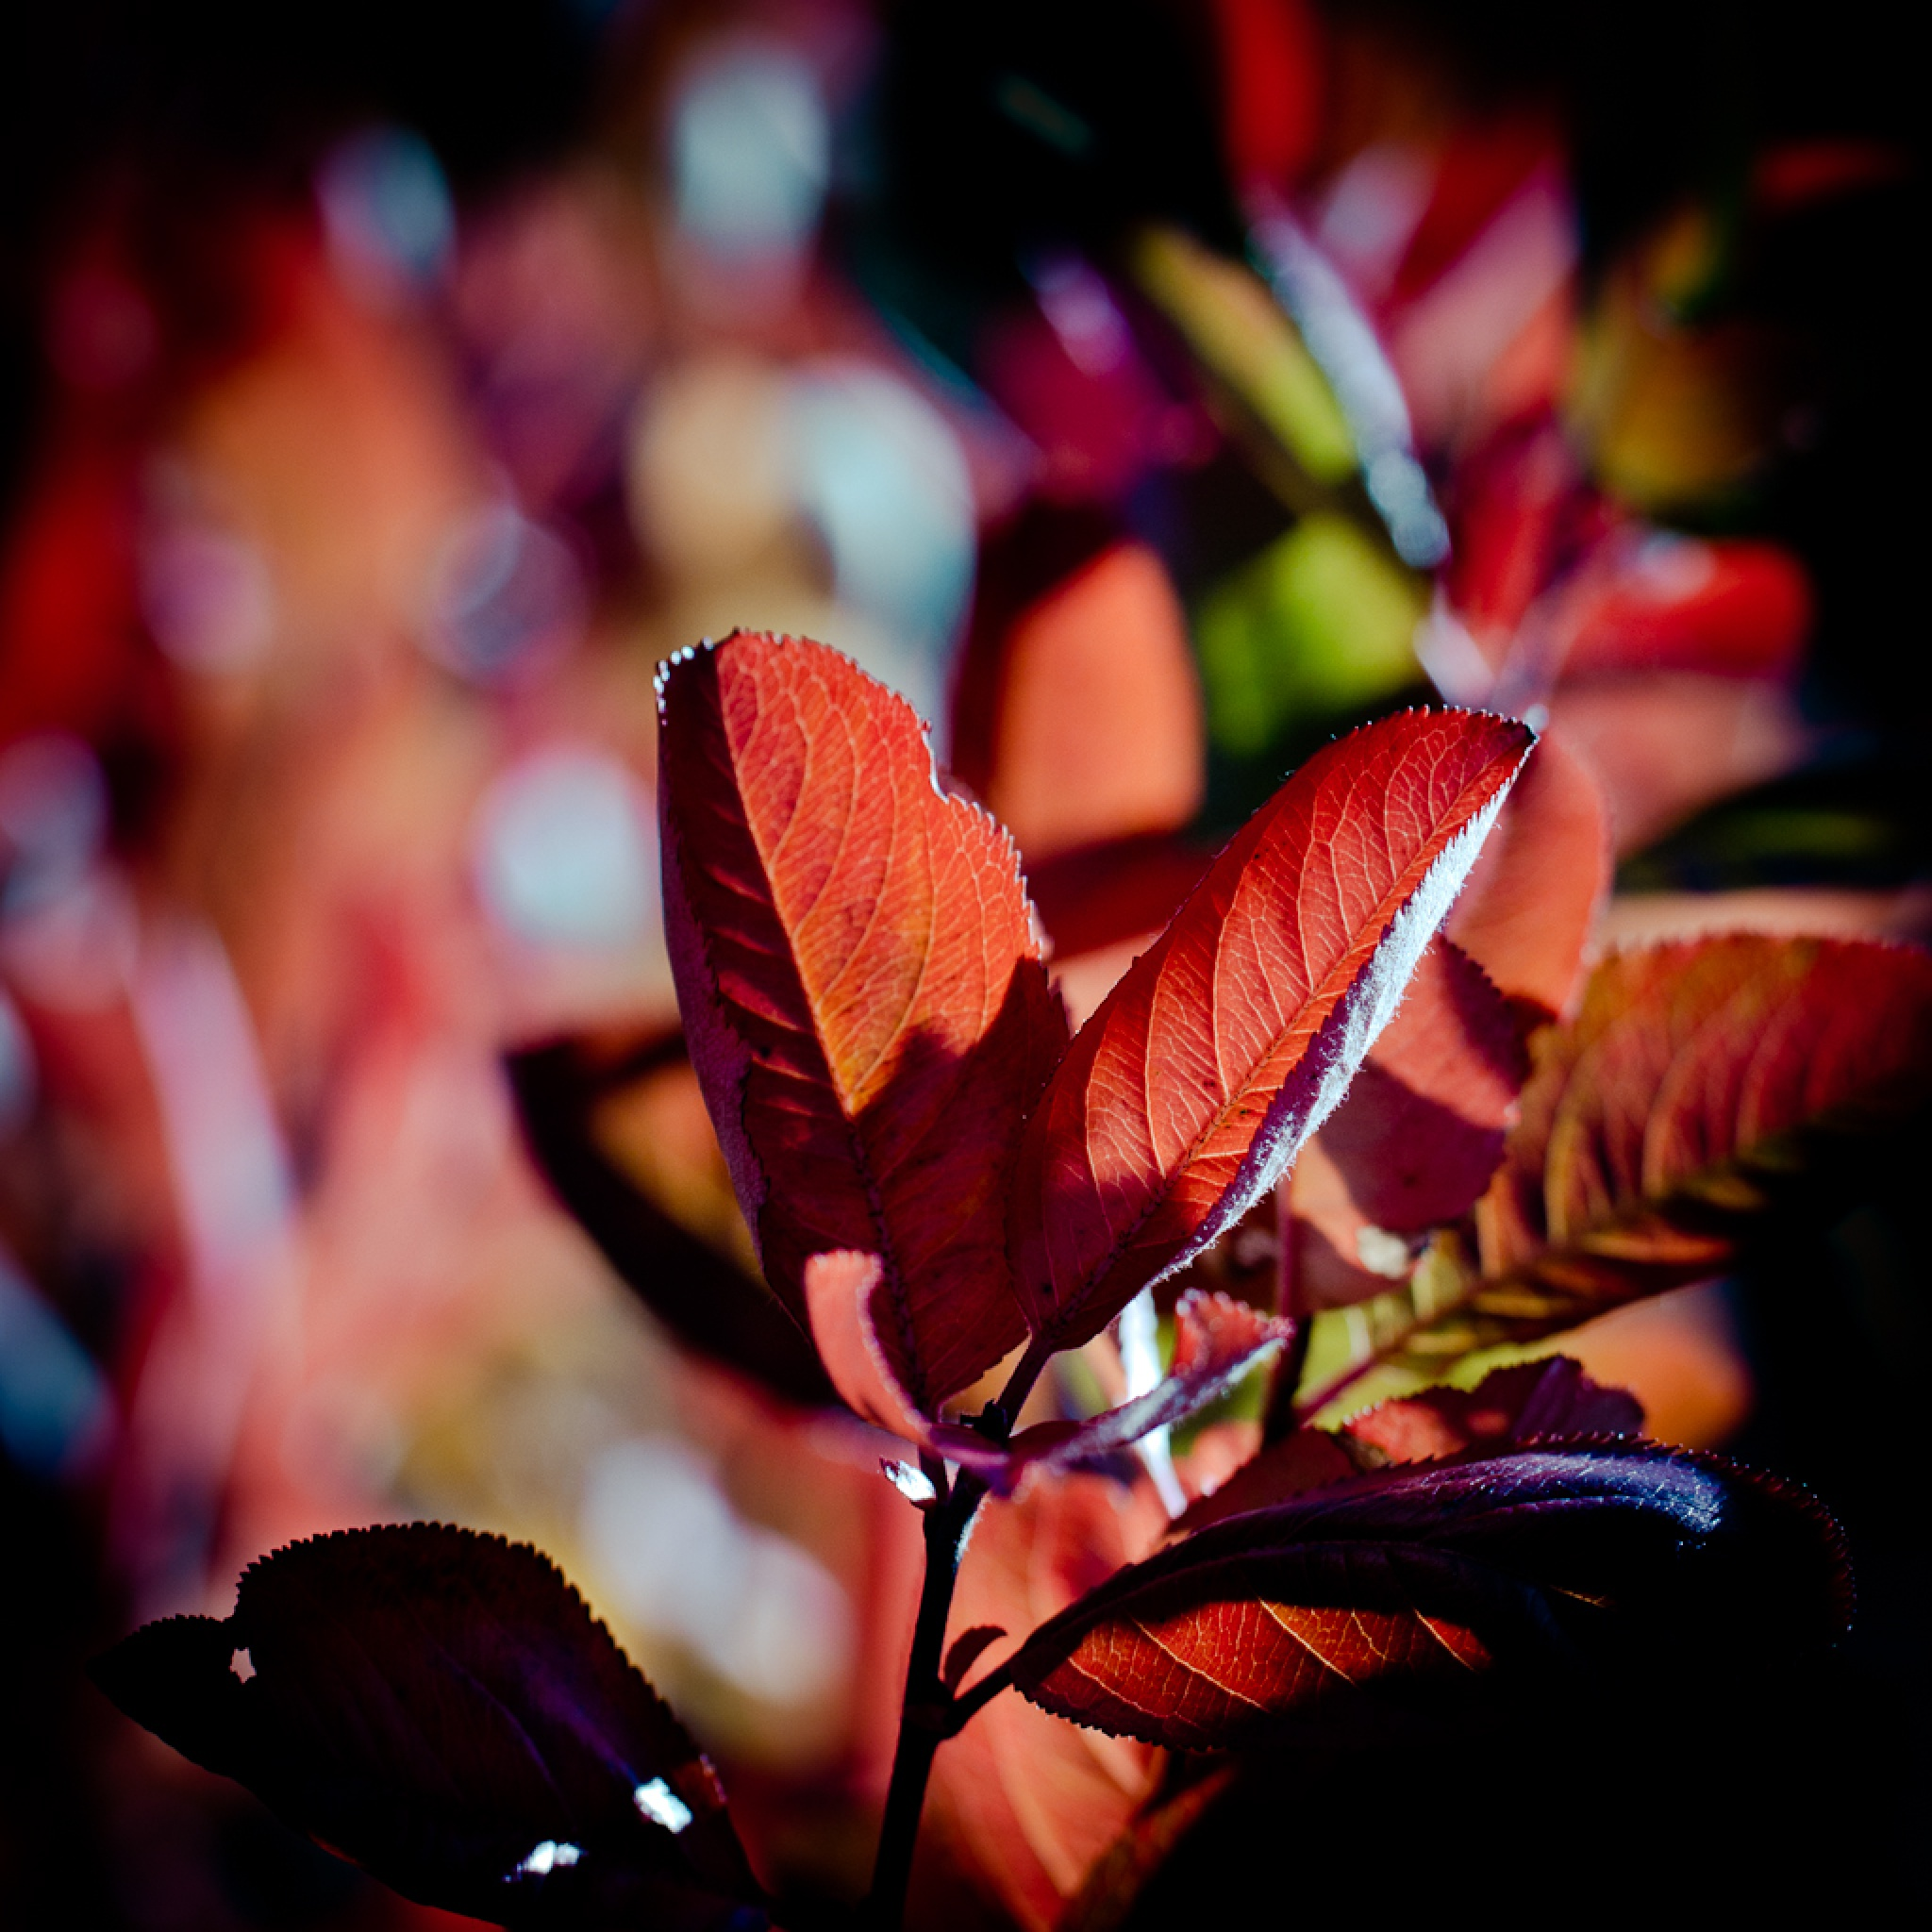 Autumn II by KristinaSA